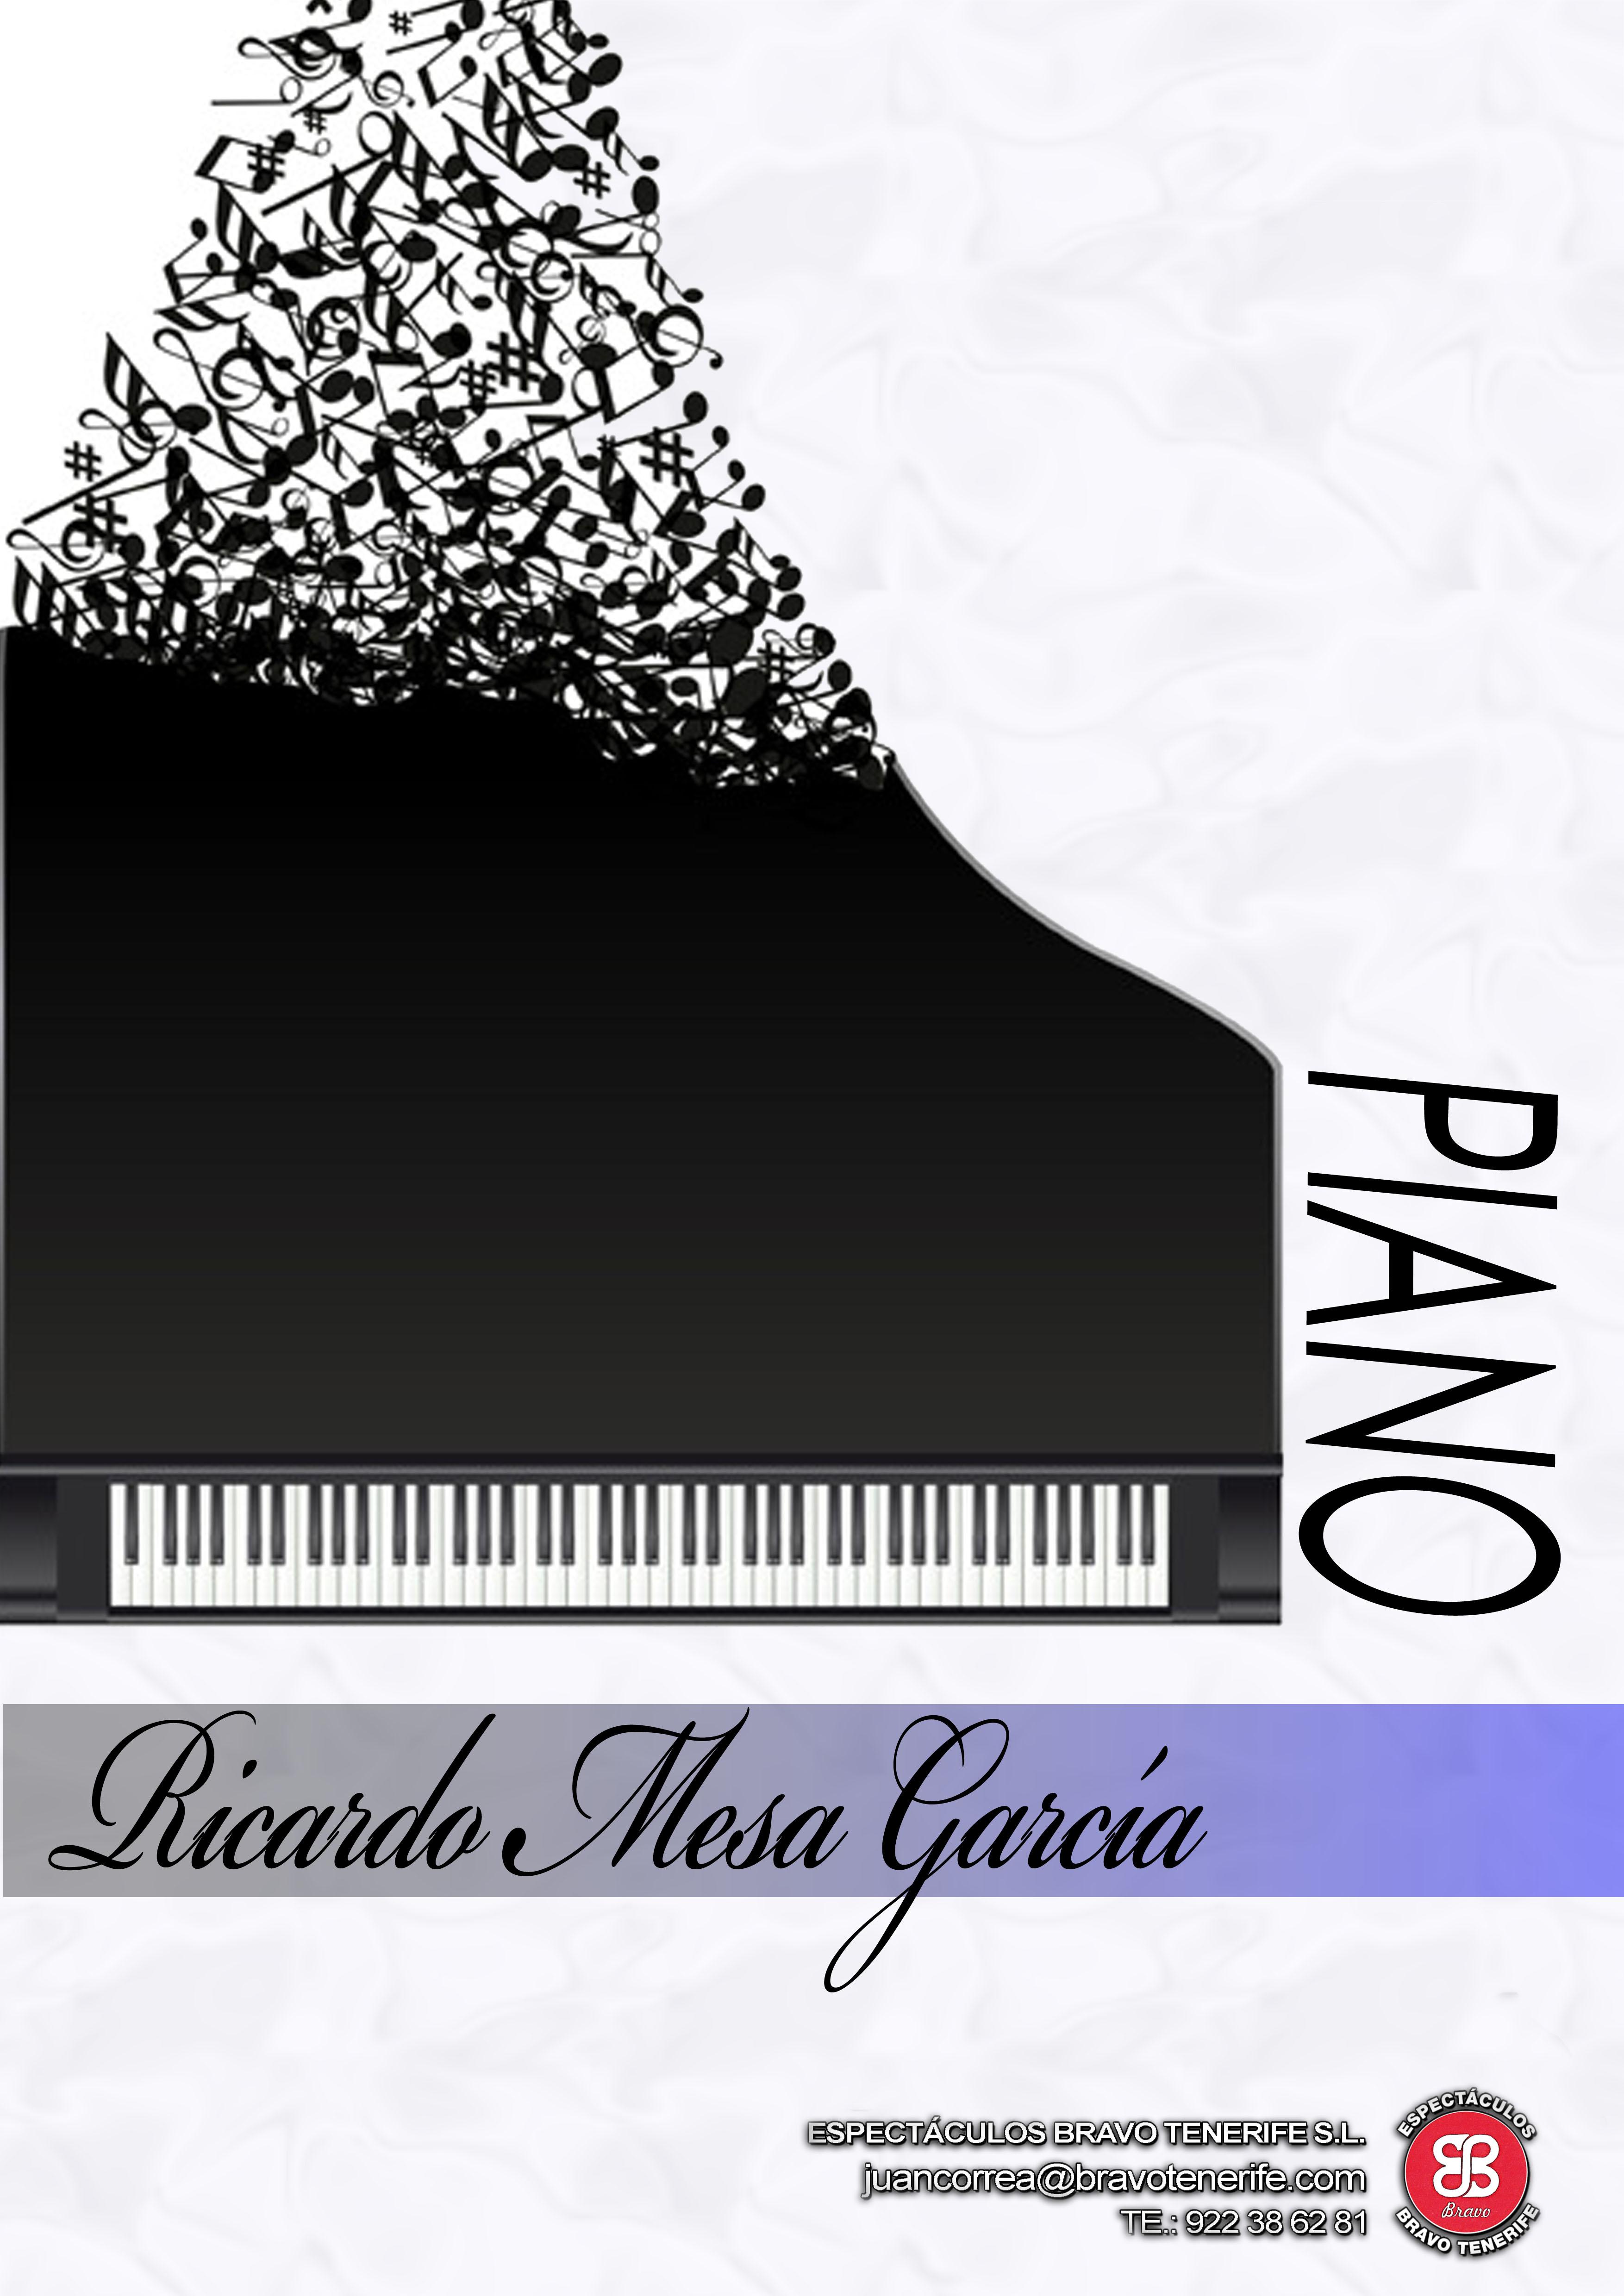 Ricardo Piano Bravo